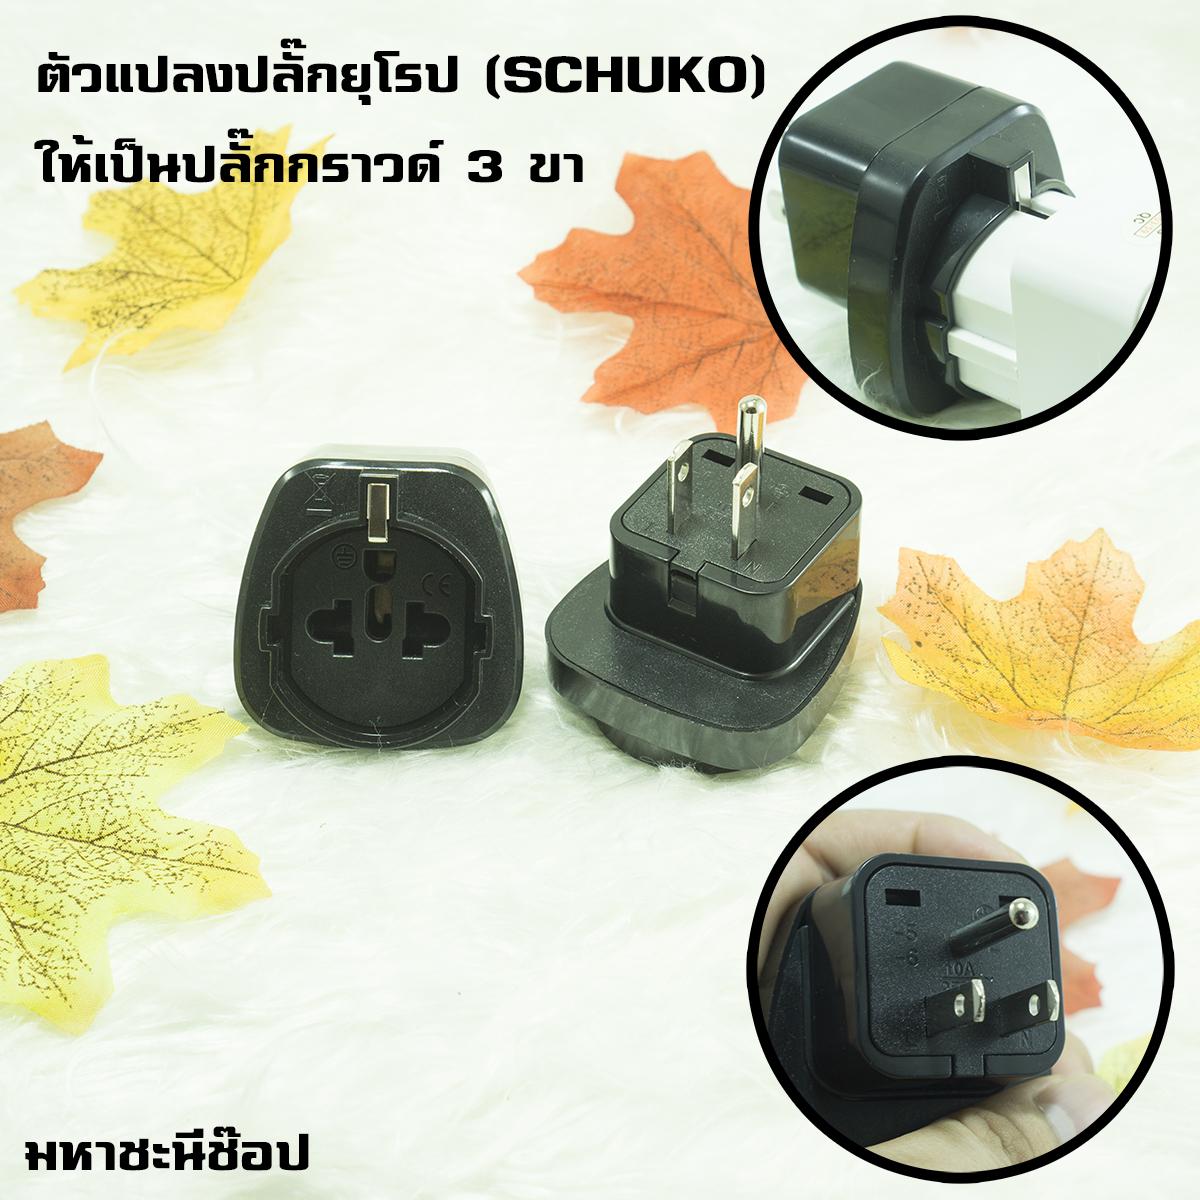 หัวแปลงเพิ่มกราวด์ปลั๊ก Schuko ใช้กับหัวปลั๊กที่ไม่มีกราวด์โซนยุโรป เกาหลี High Grade (สีดำ)